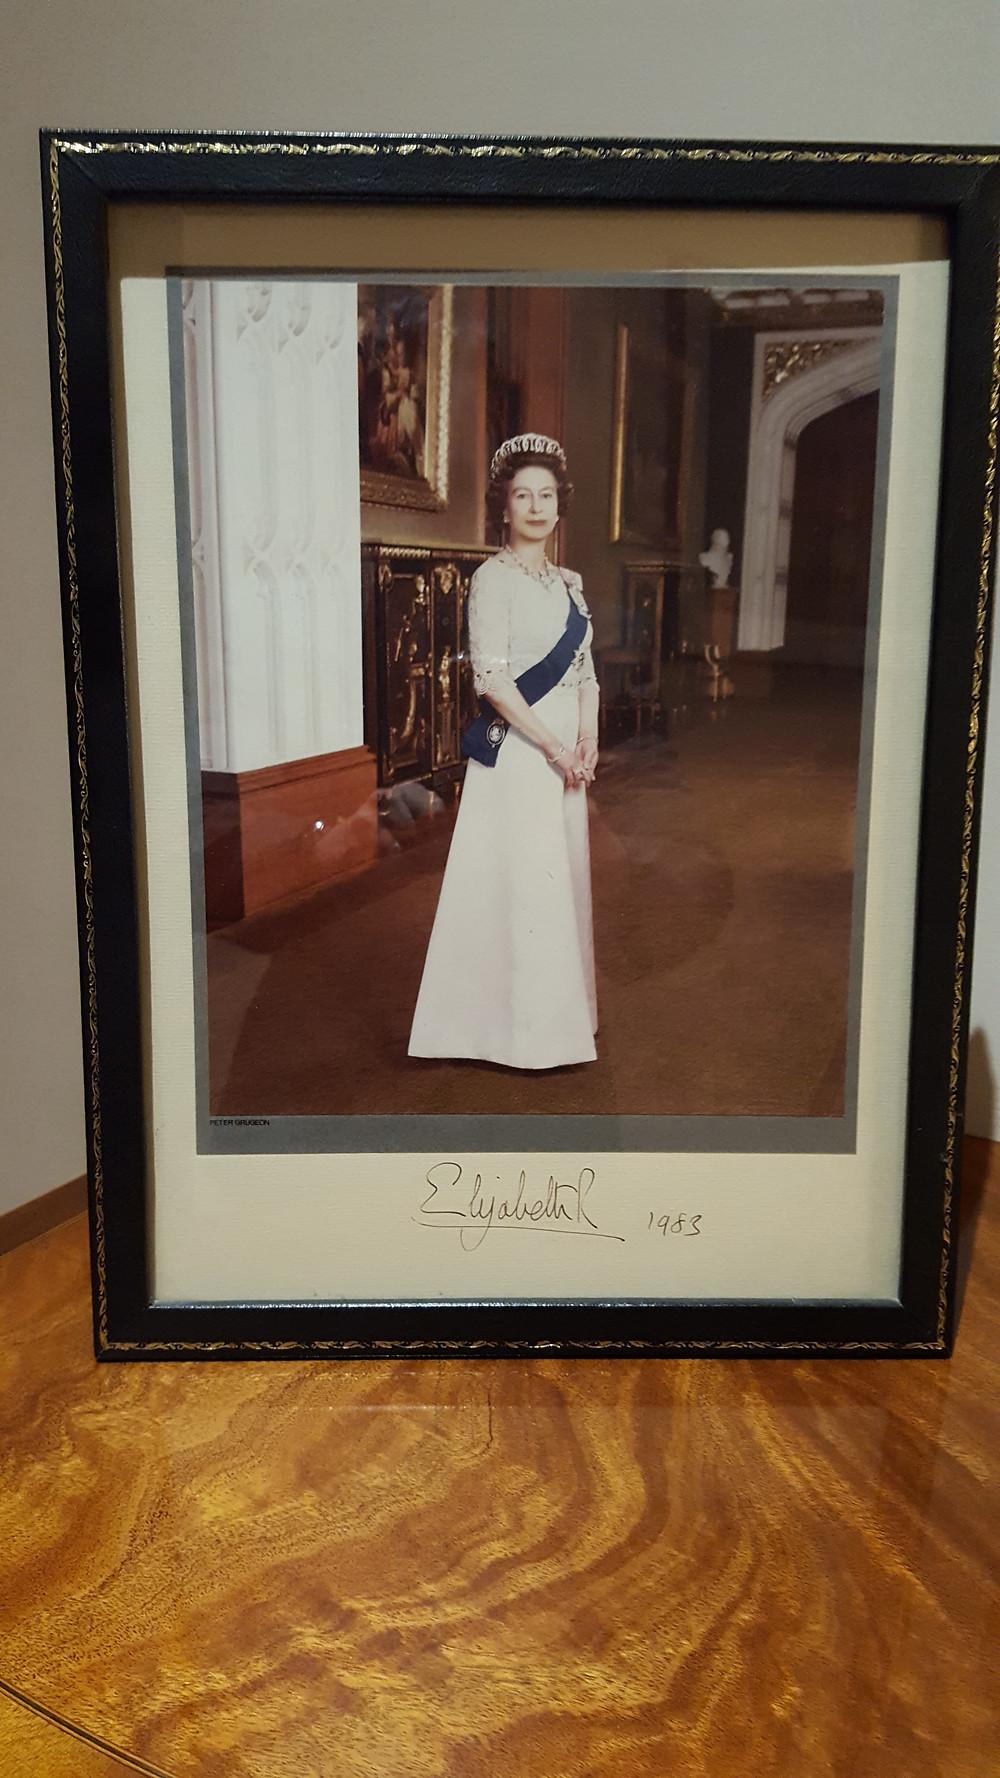 Queen of England 1983